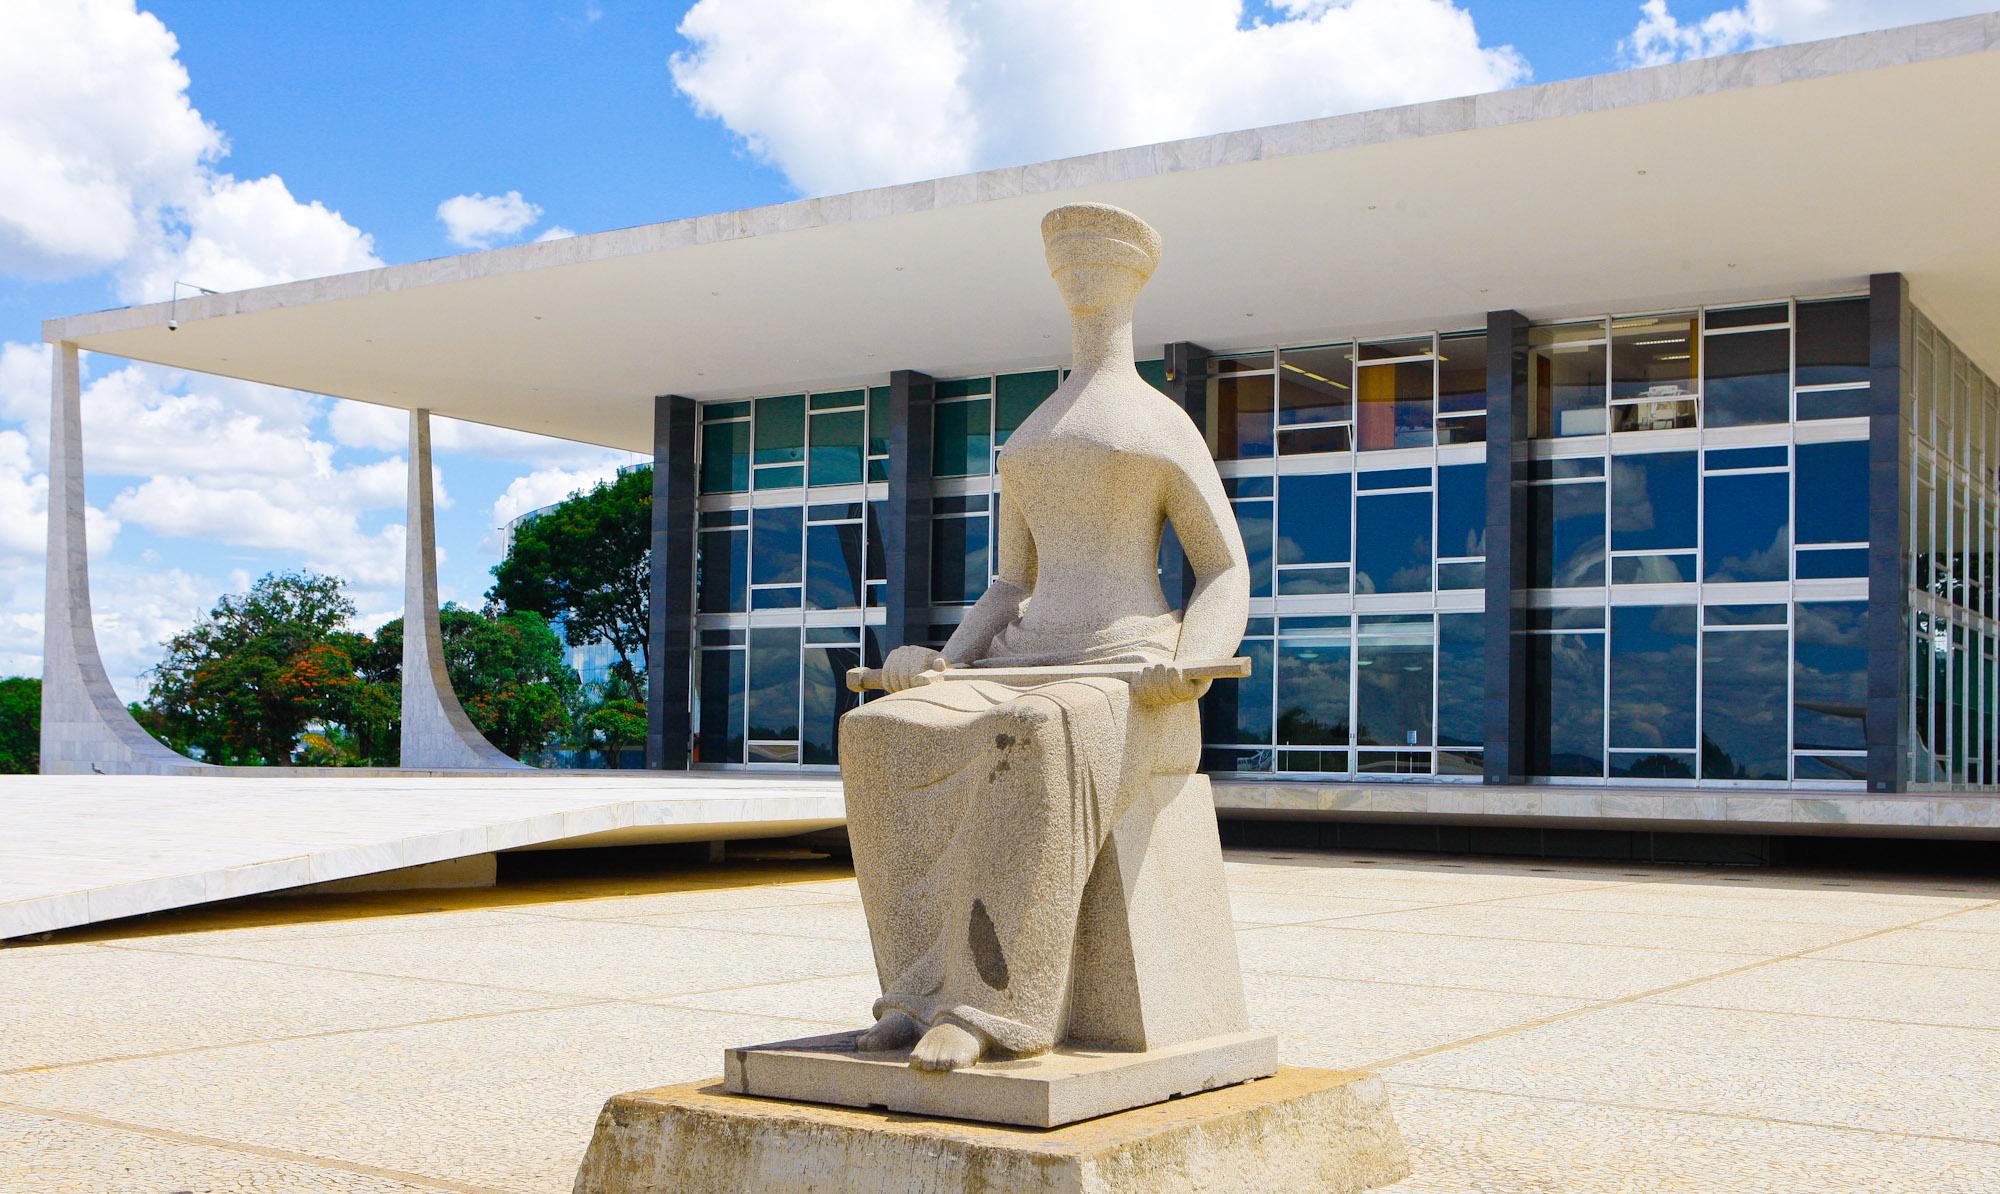 CSB pede a Dias Toffoli regime de urgência no julgamento de ADI sobre danos morais